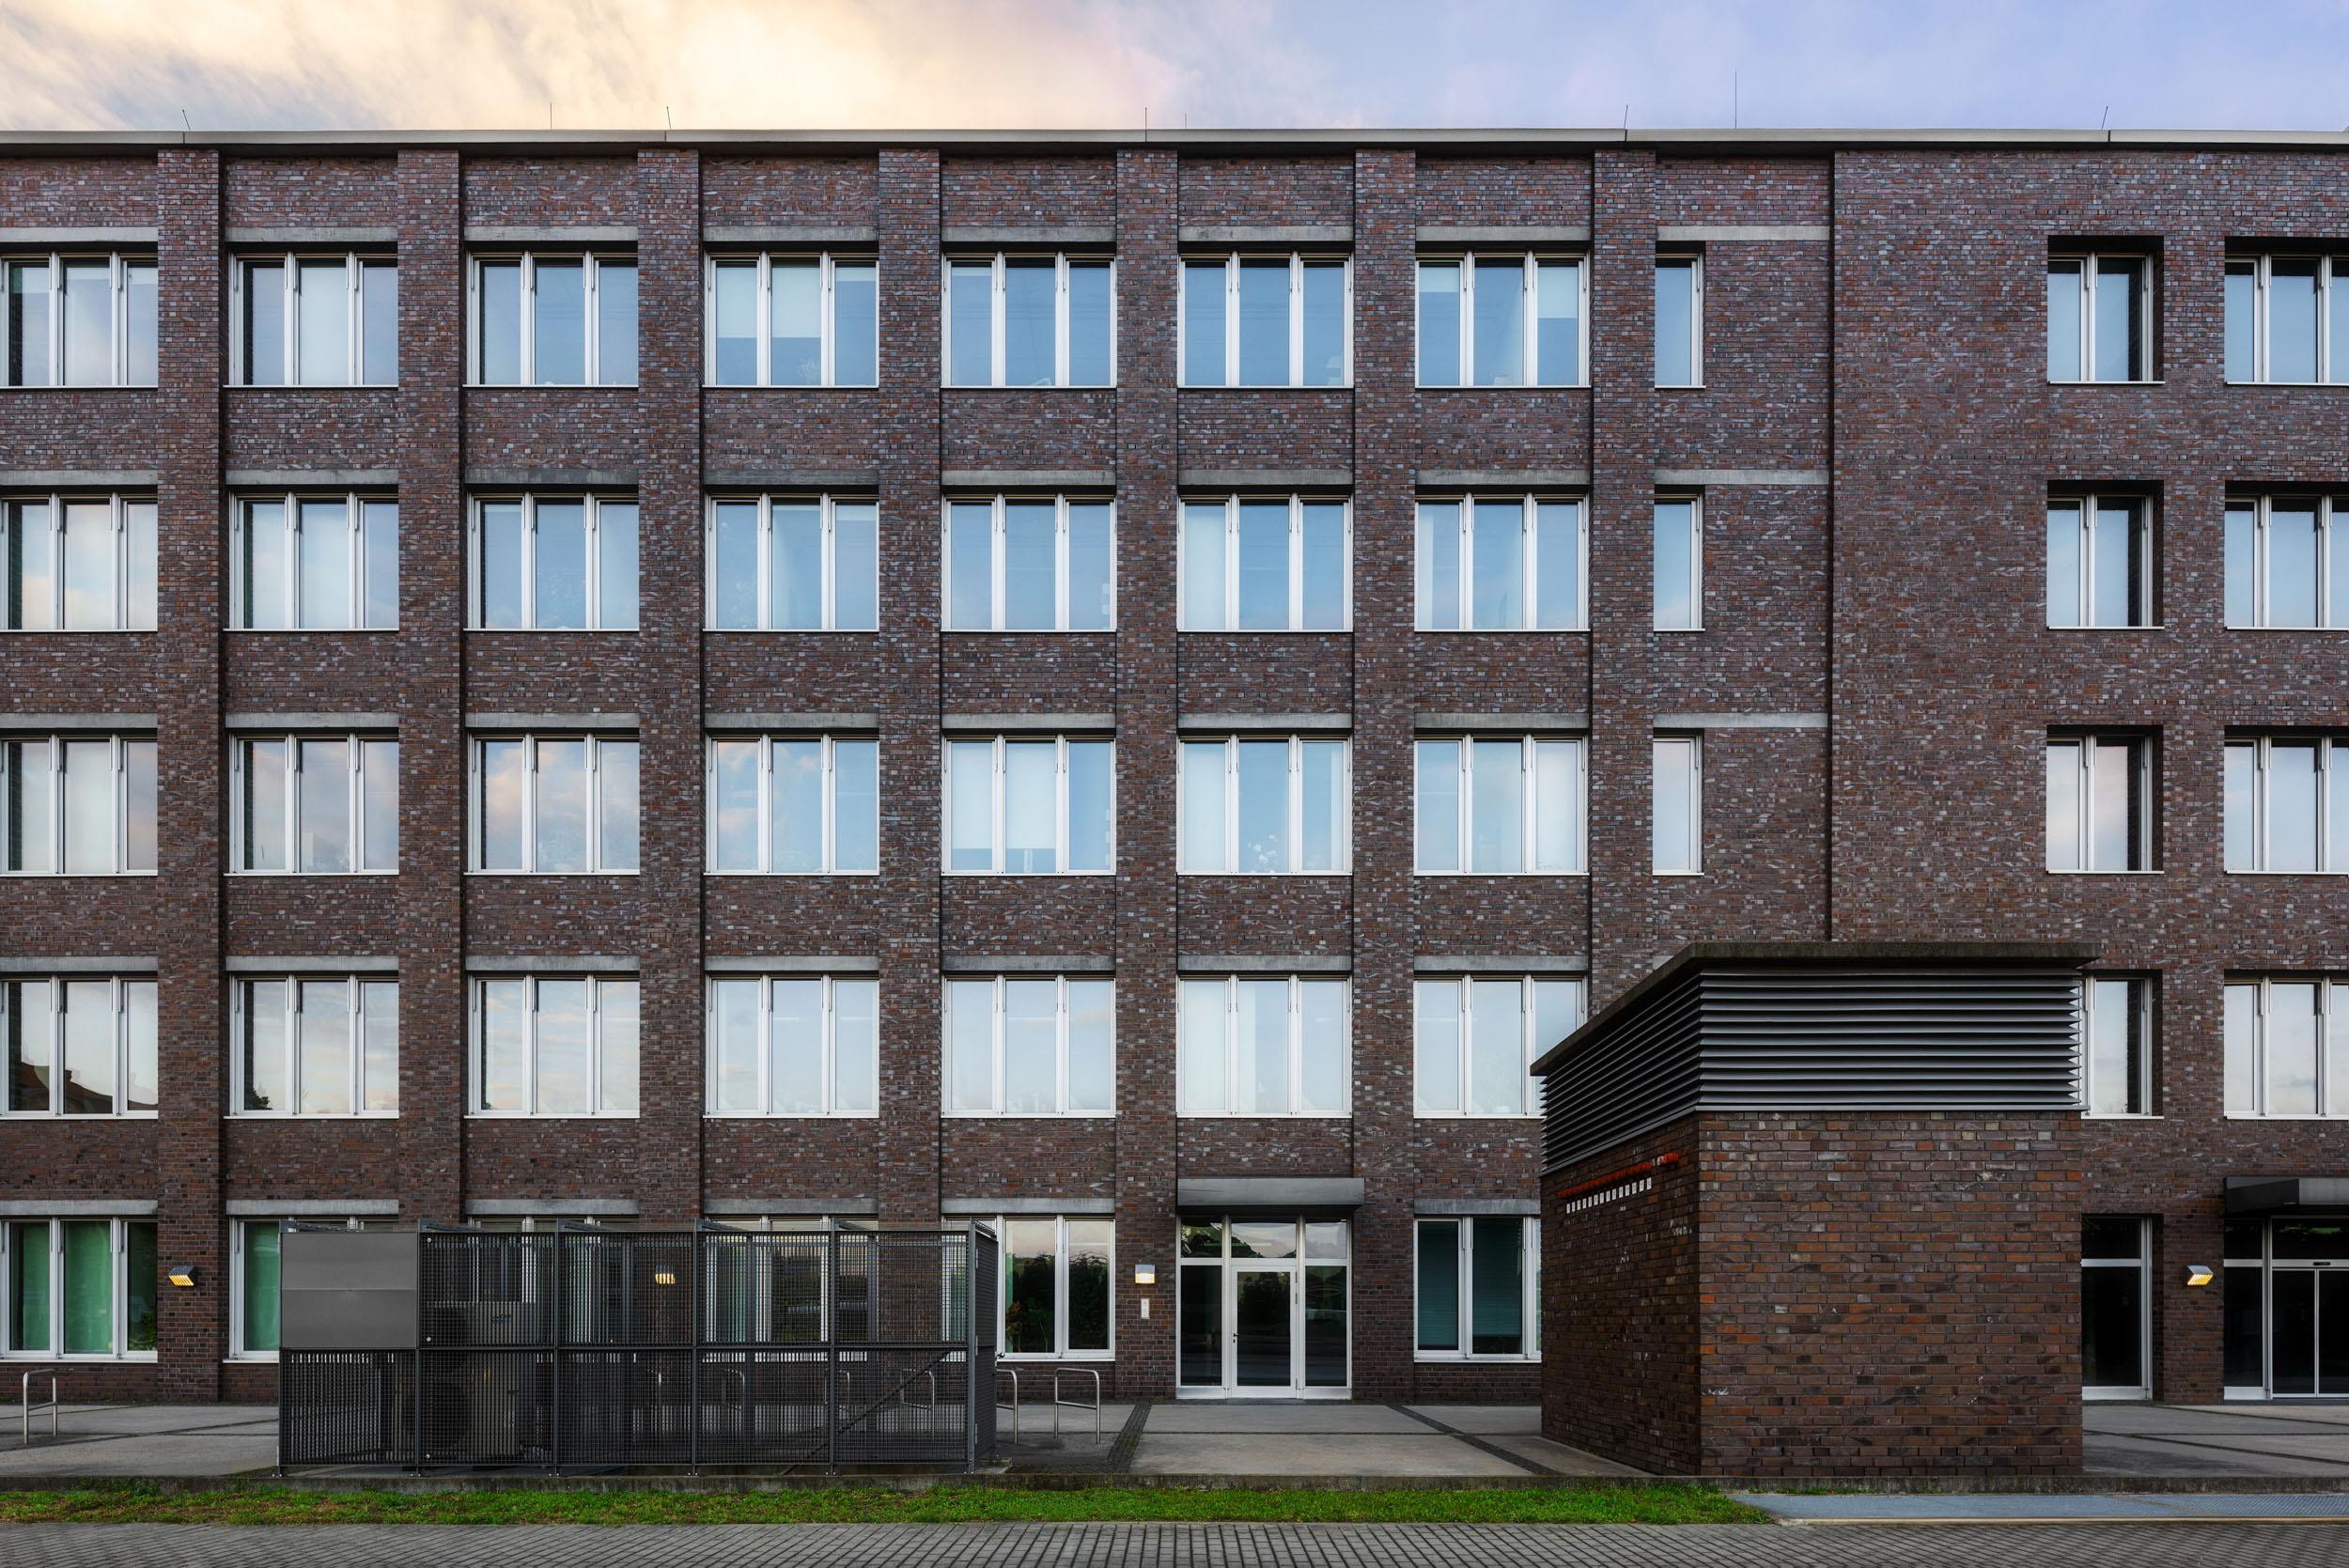 Gustav-Epple-Bauunternehmung-Bibliothek-Technische-Universität-Berlin_MLX6237